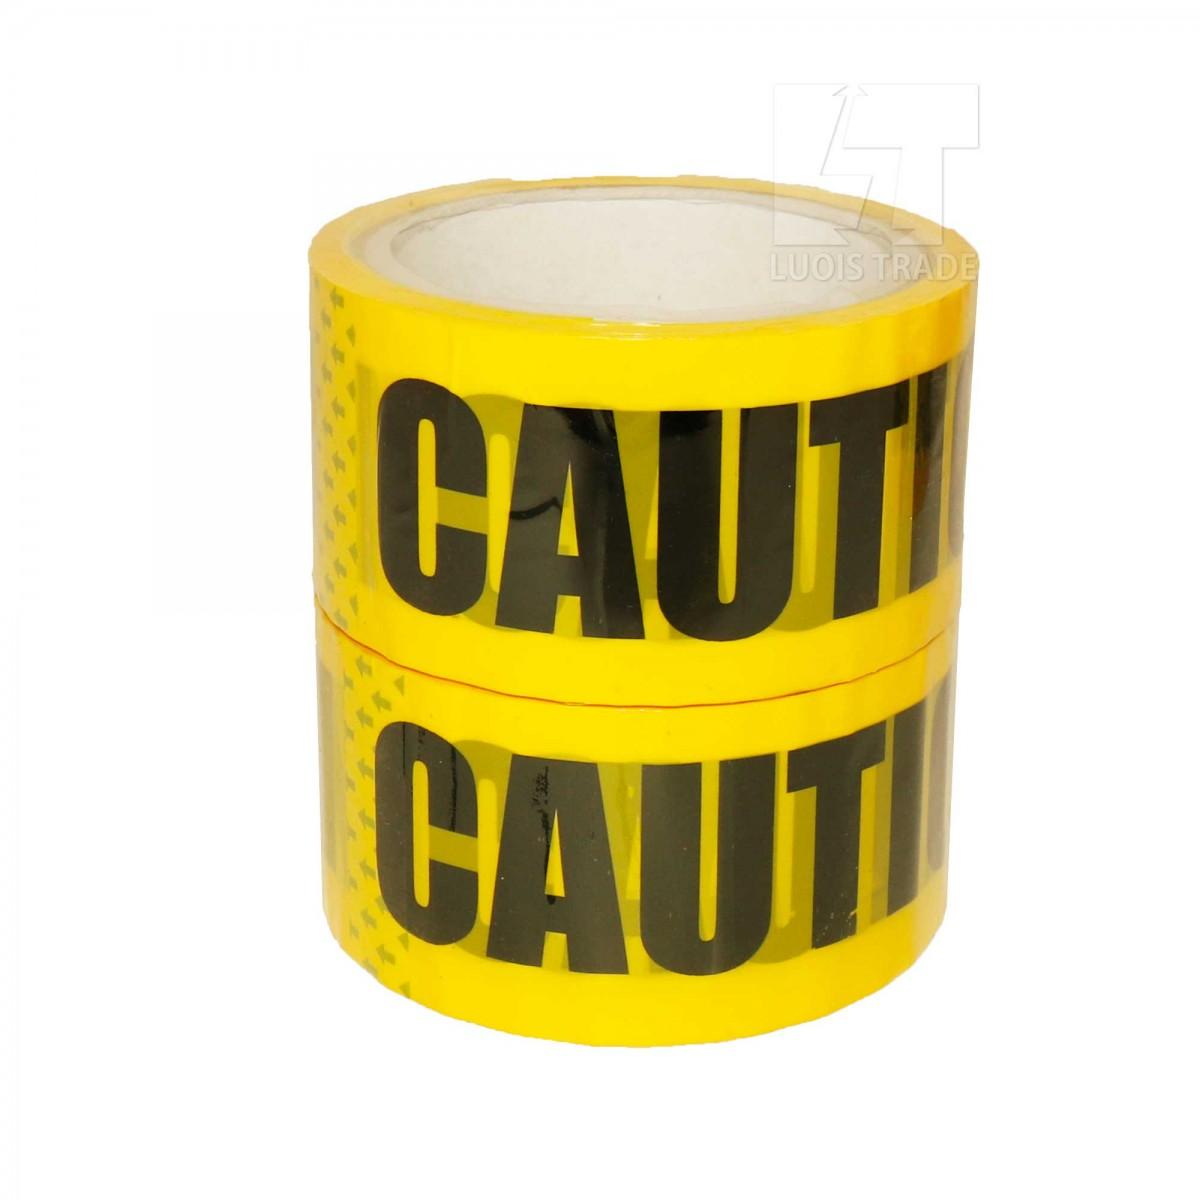 パッキングテープ バリケード テープ ( CAUTION ) 幅4.7cmX長さ25m 2巻セット フィルムテープ ライン用テープ 梱包 表示 安全